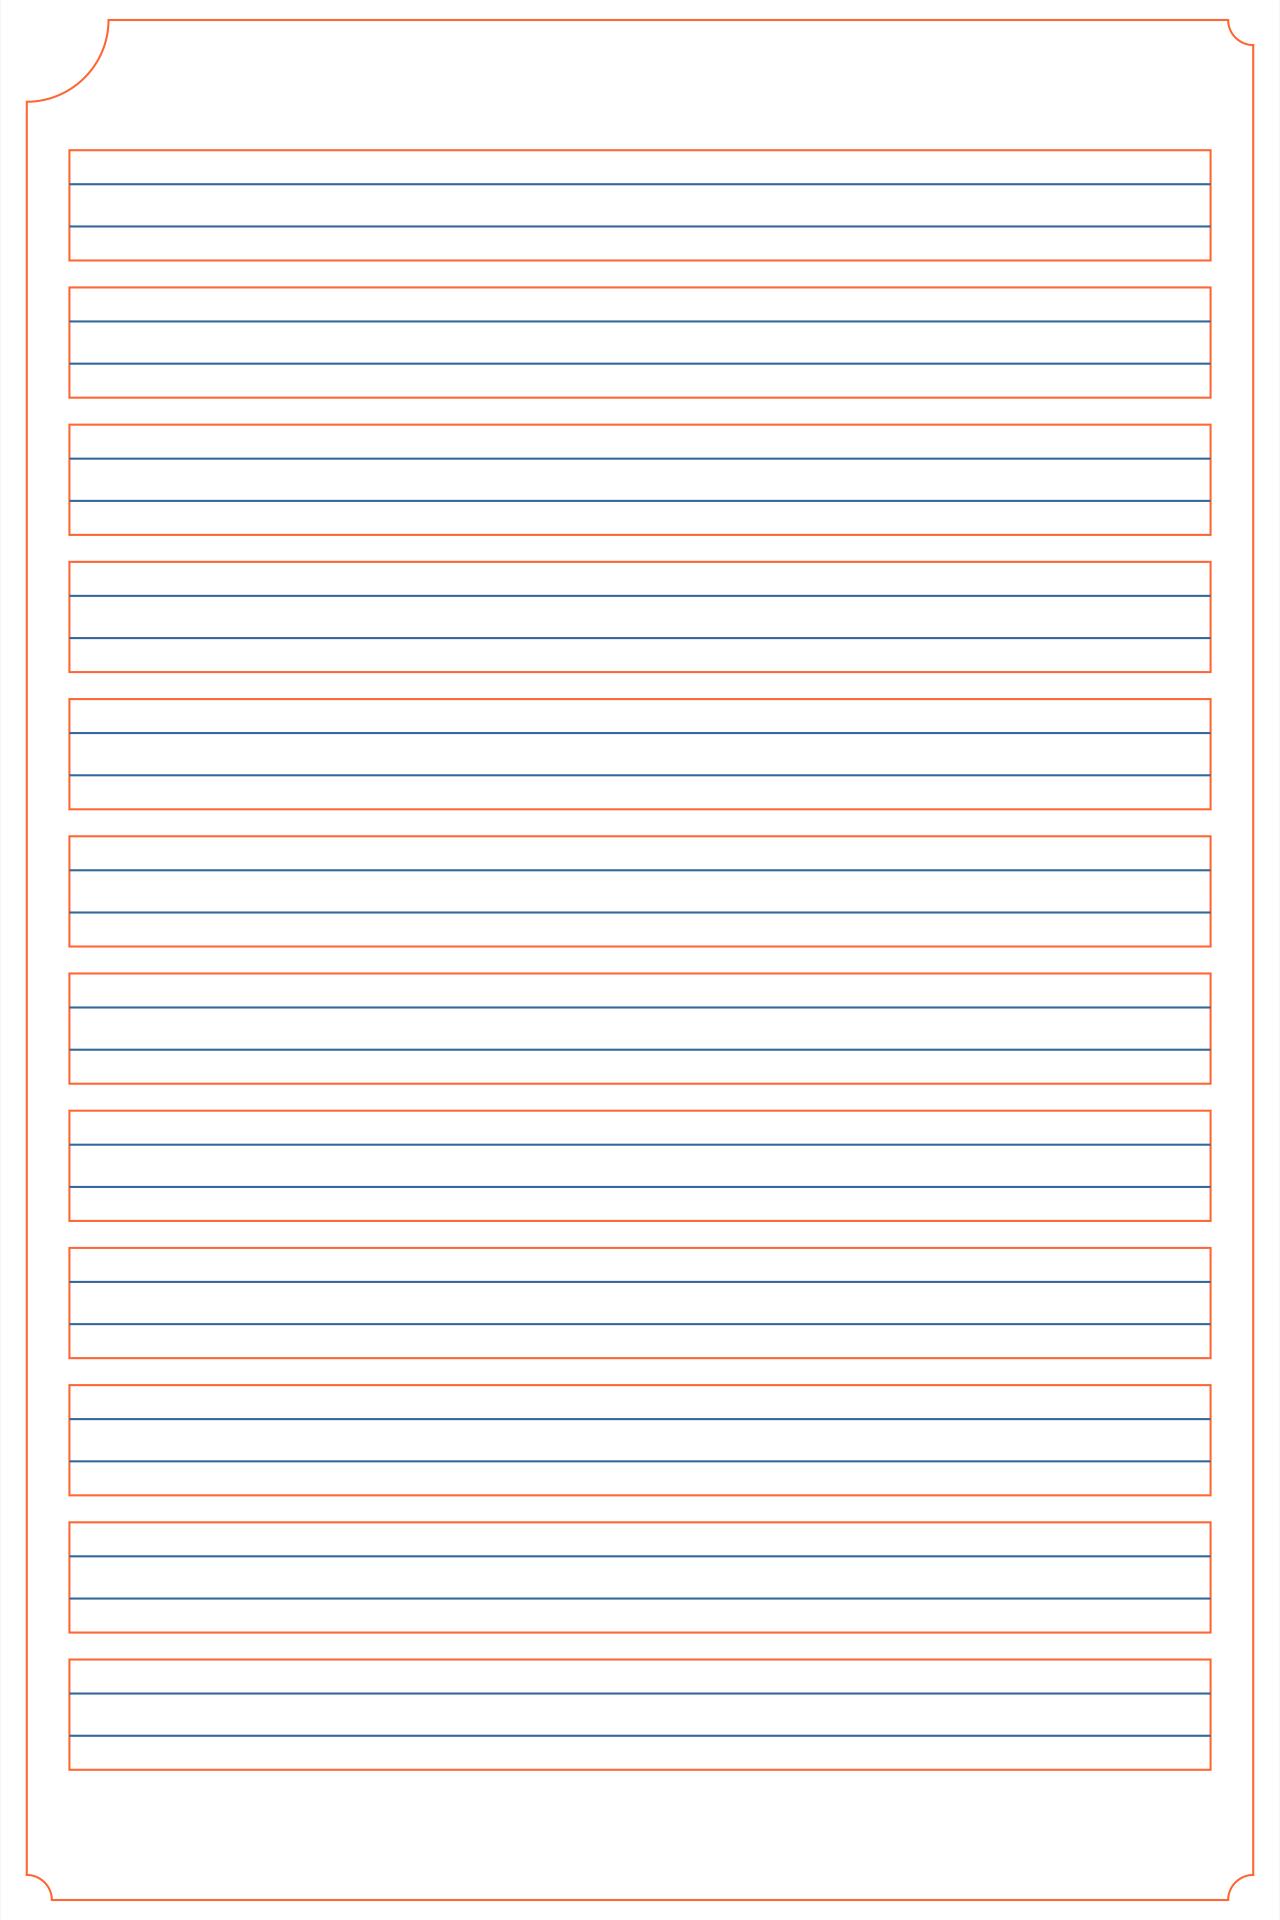 Free Blank Handwriting Worksheets Pdf Printable